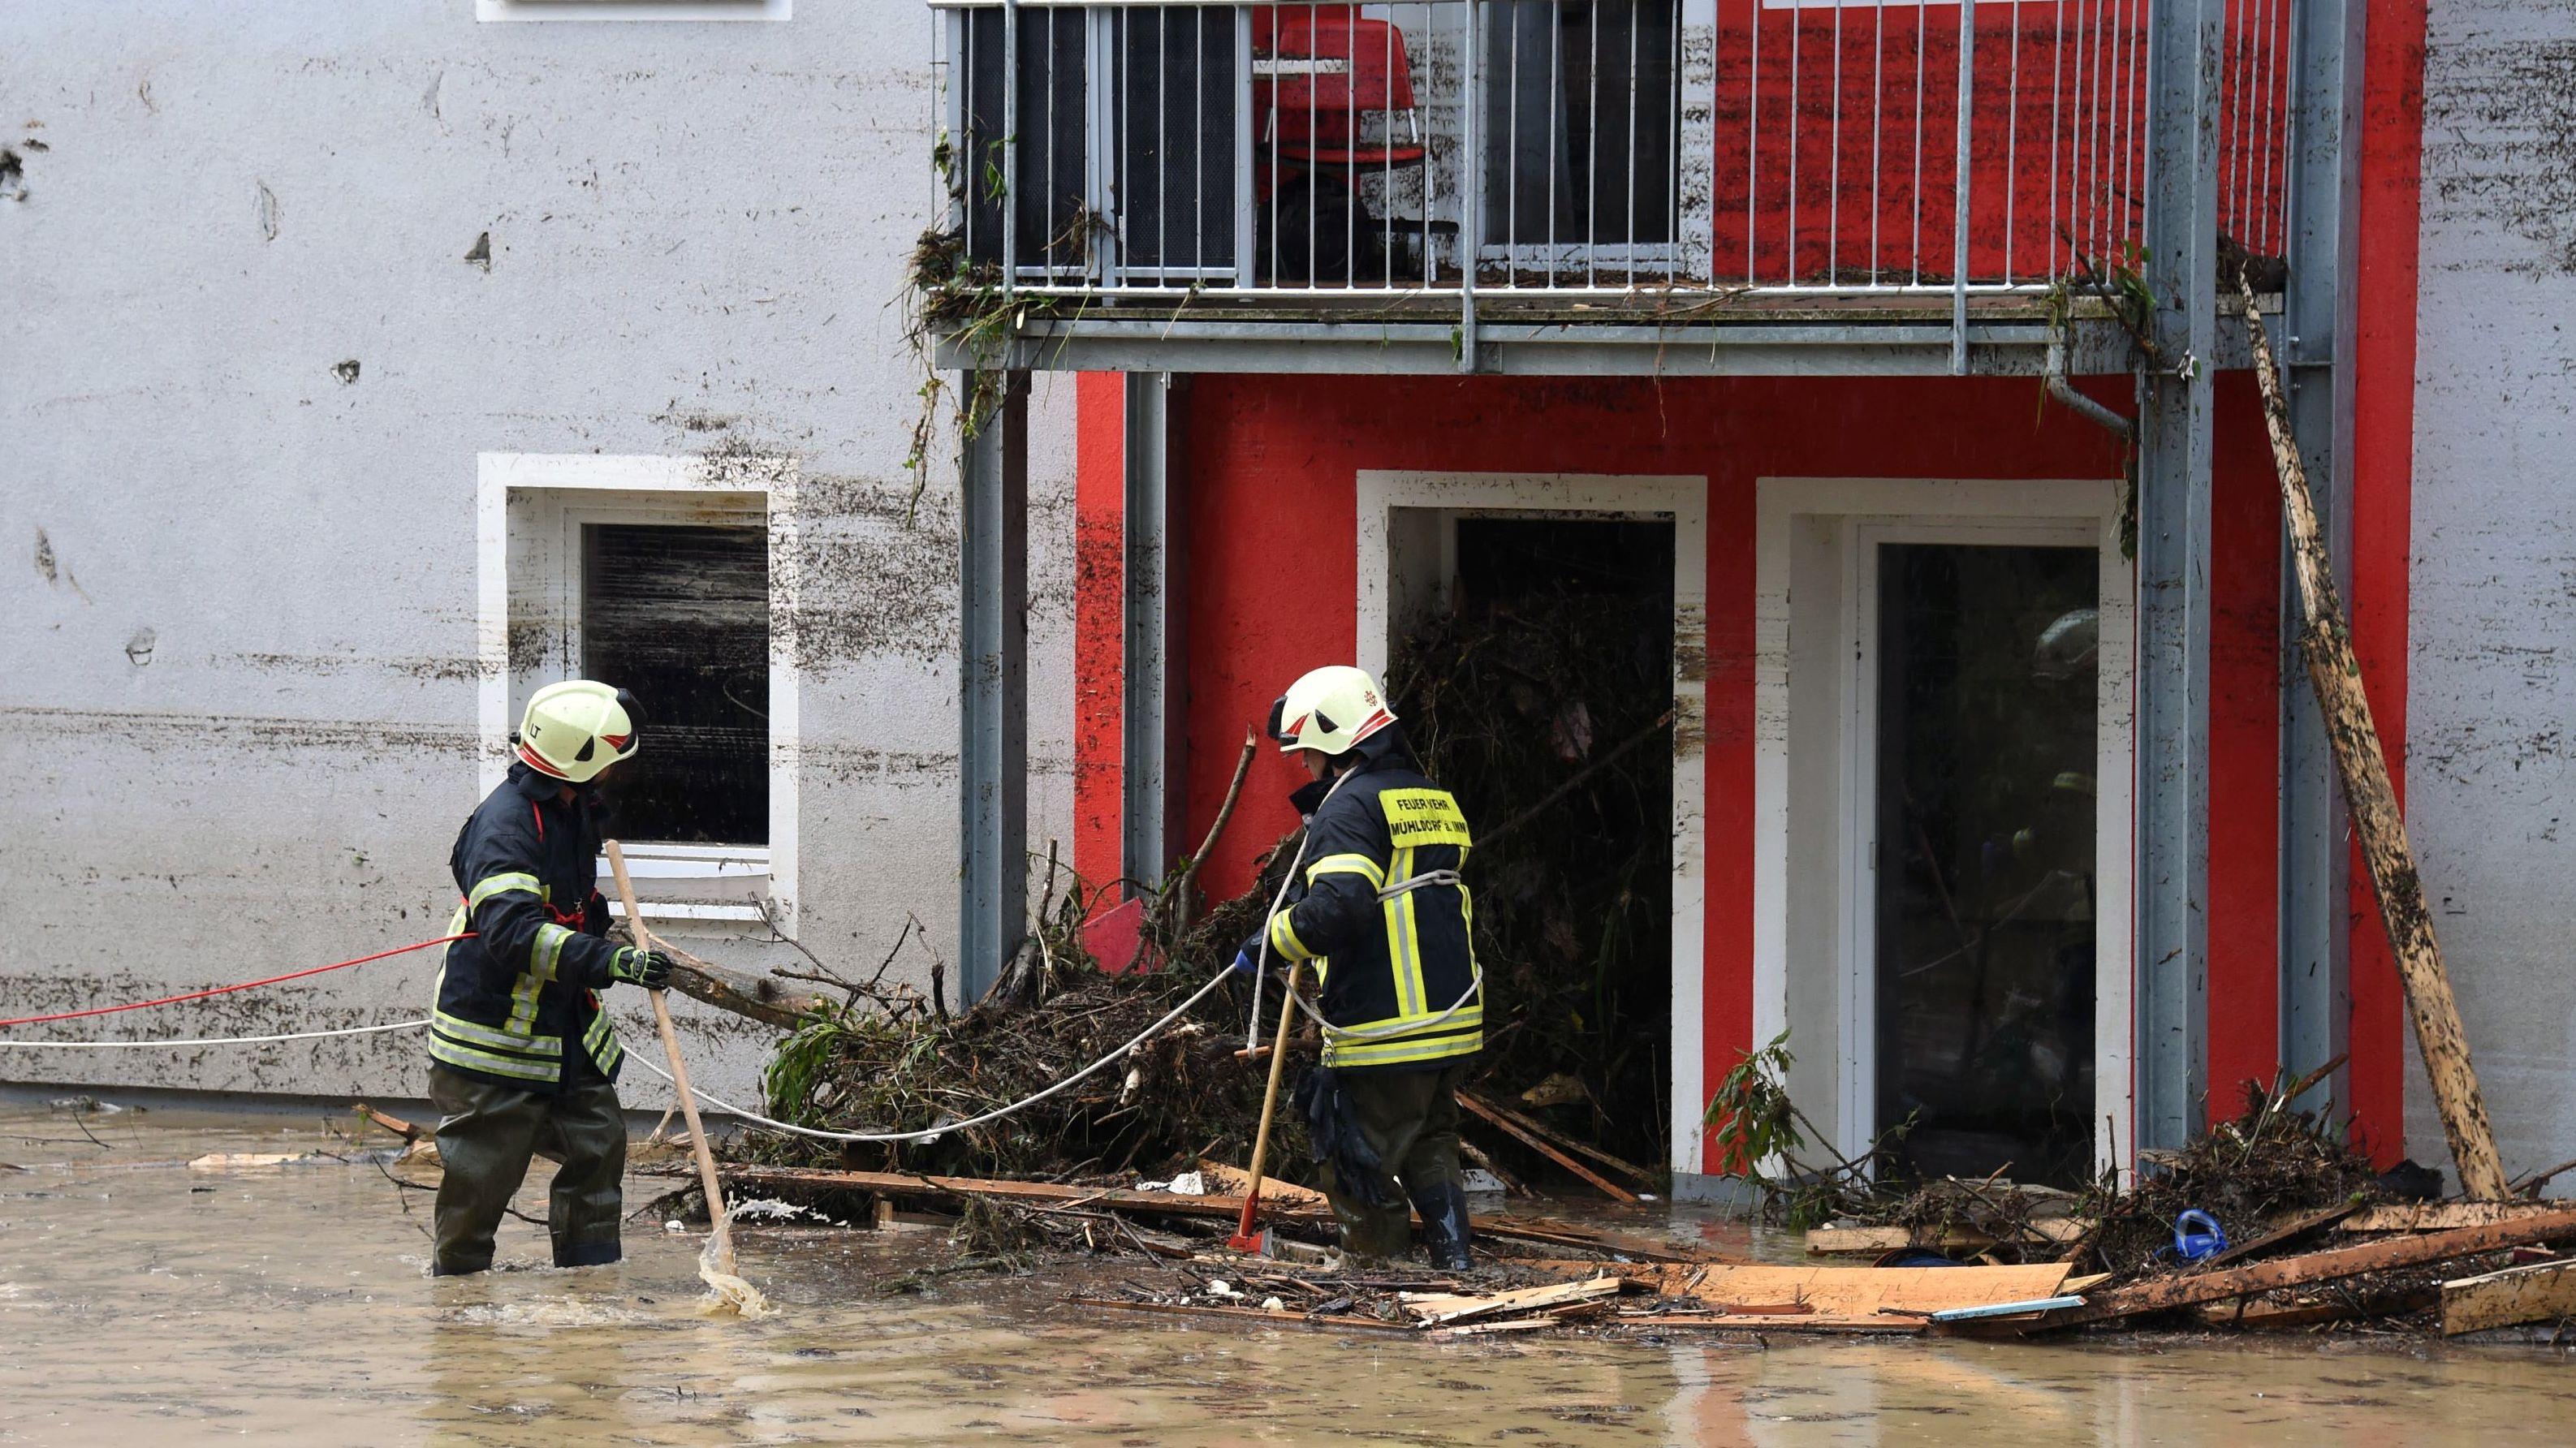 Feuerwehr inspizieren Treibgut in Simach am Inn.